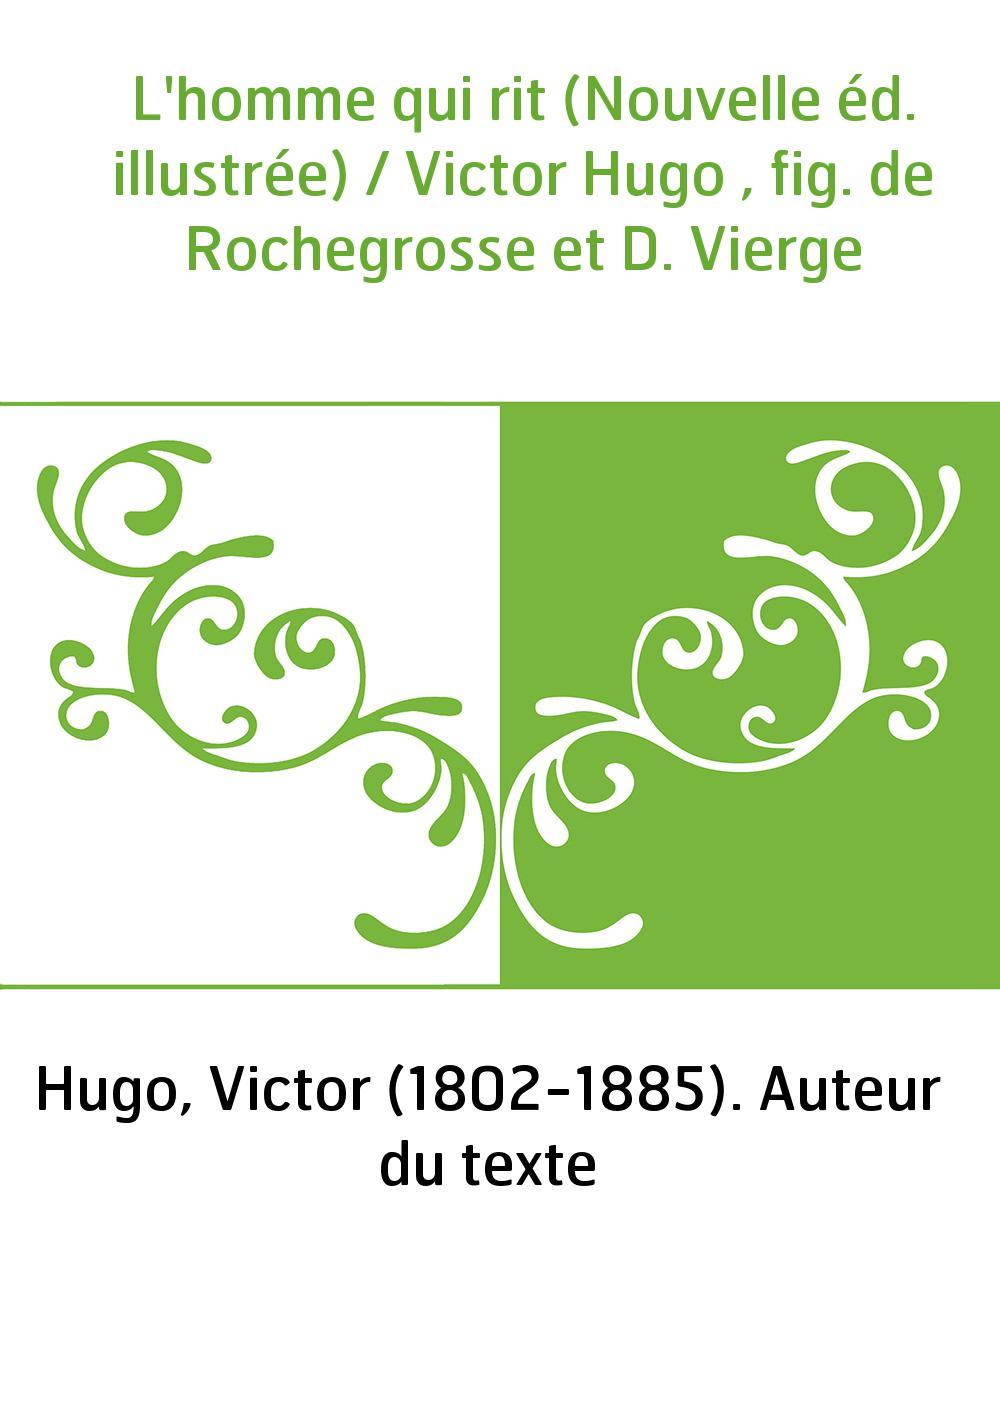 L'homme qui rit (Nouvelle éd. illustrée) / Victor Hugo , fig. de Rochegrosse et D. Vierge